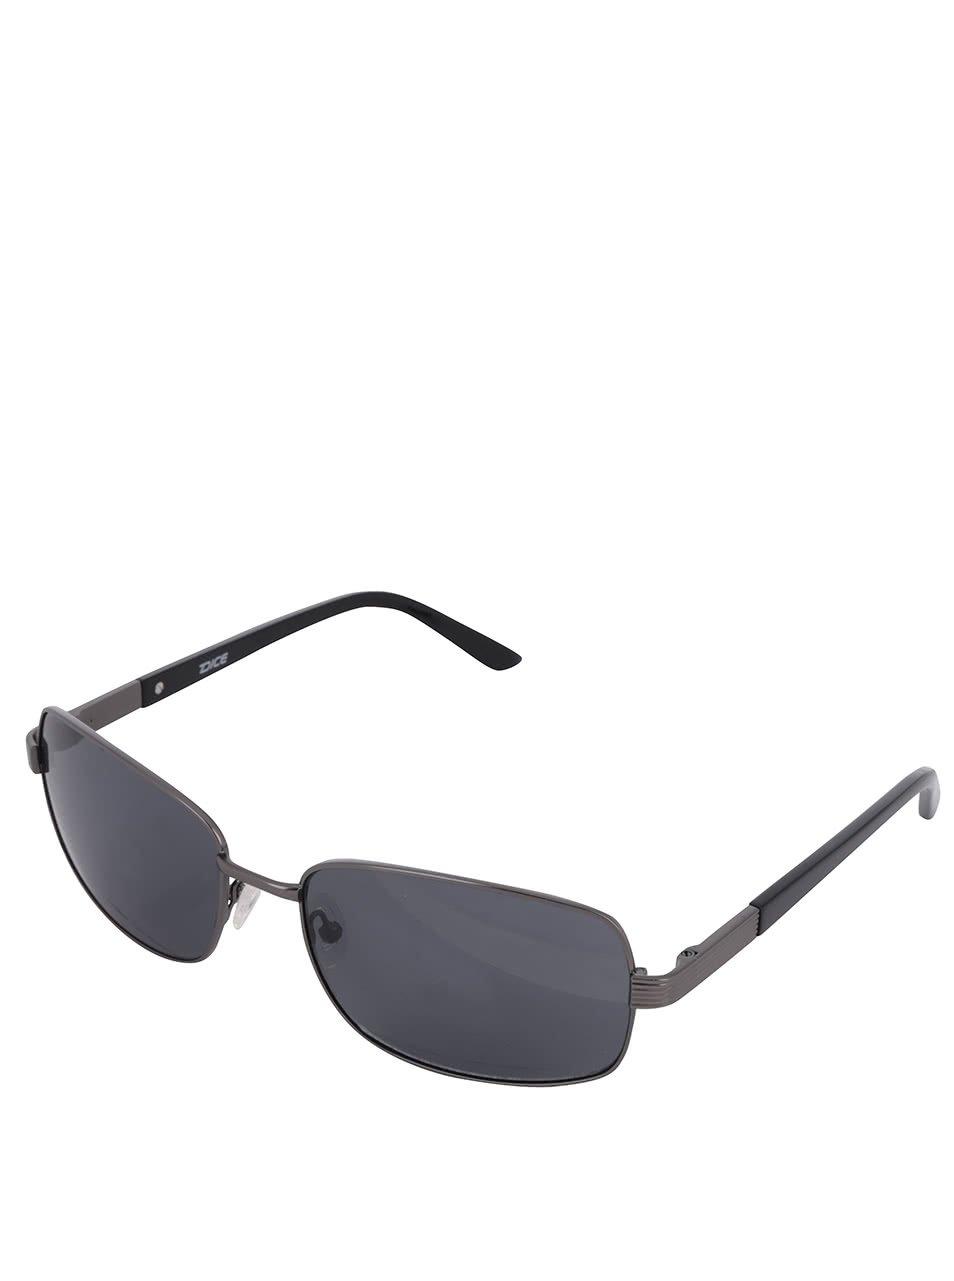 Pánské sluneční brýle s obroučkami v šedé barvě Dice